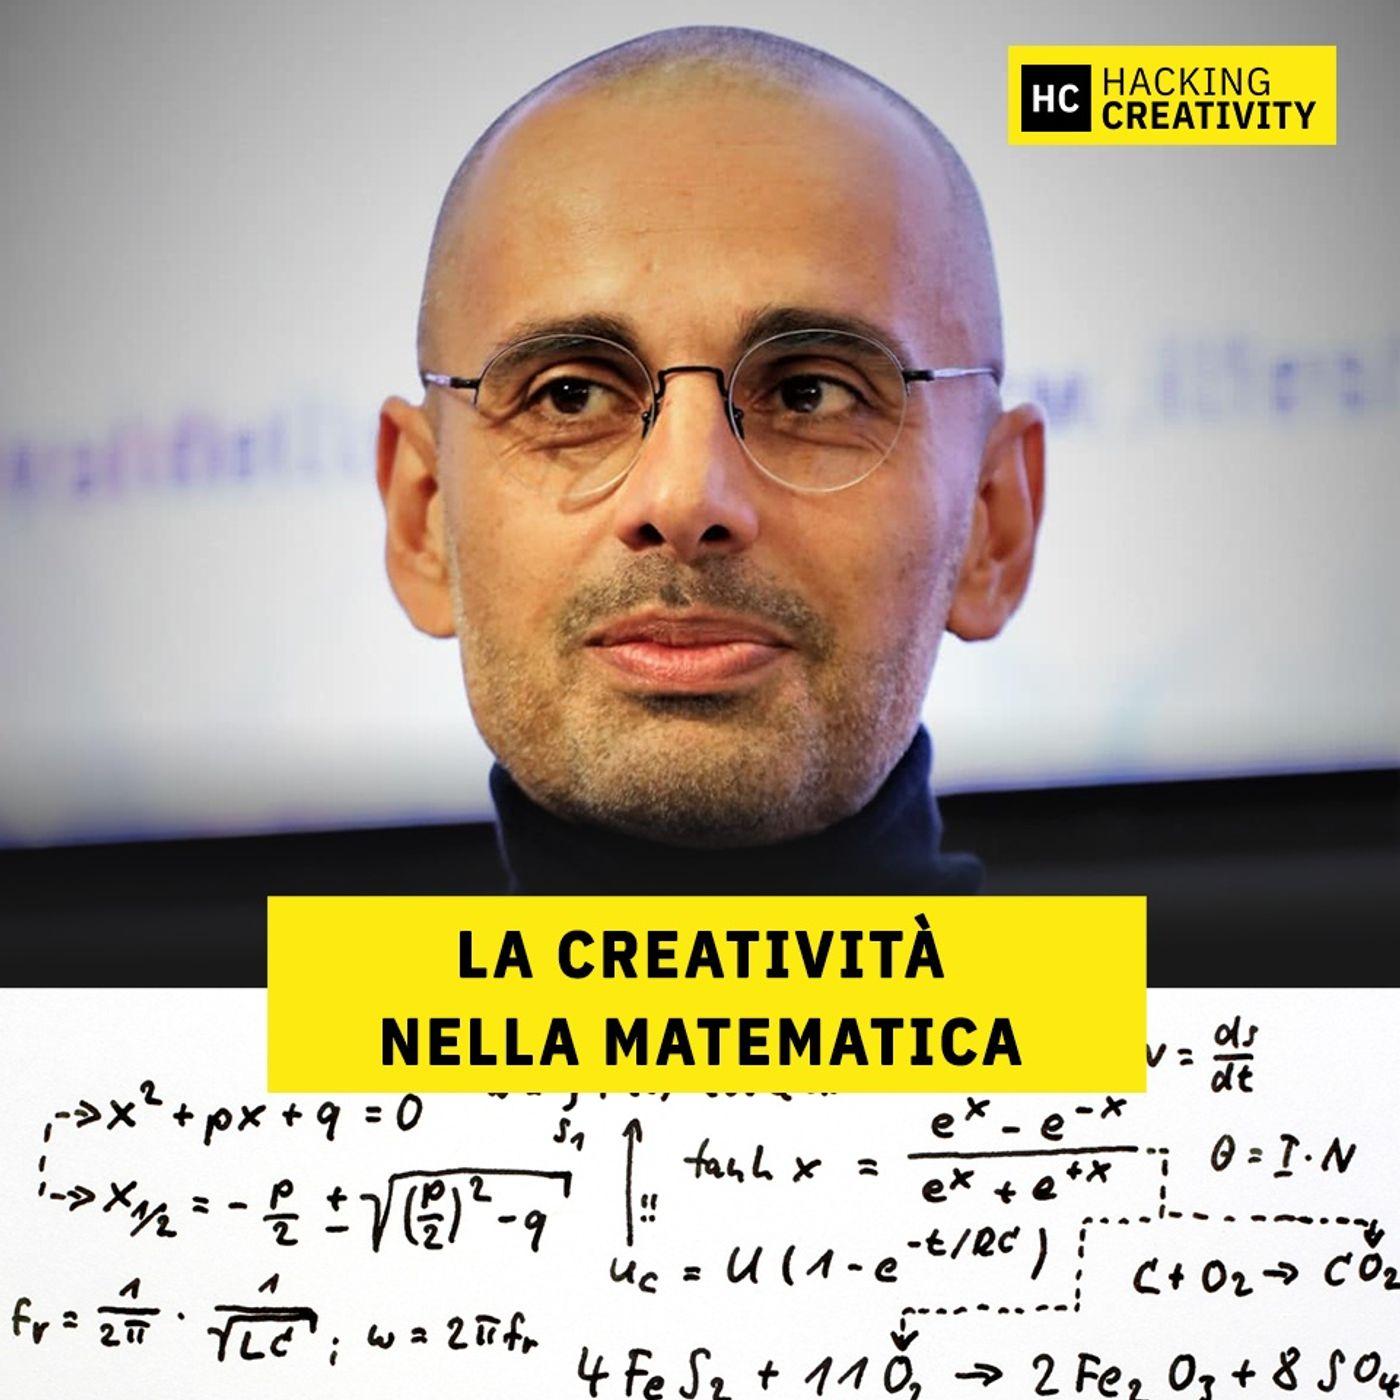 56 - La creatività nella matematica